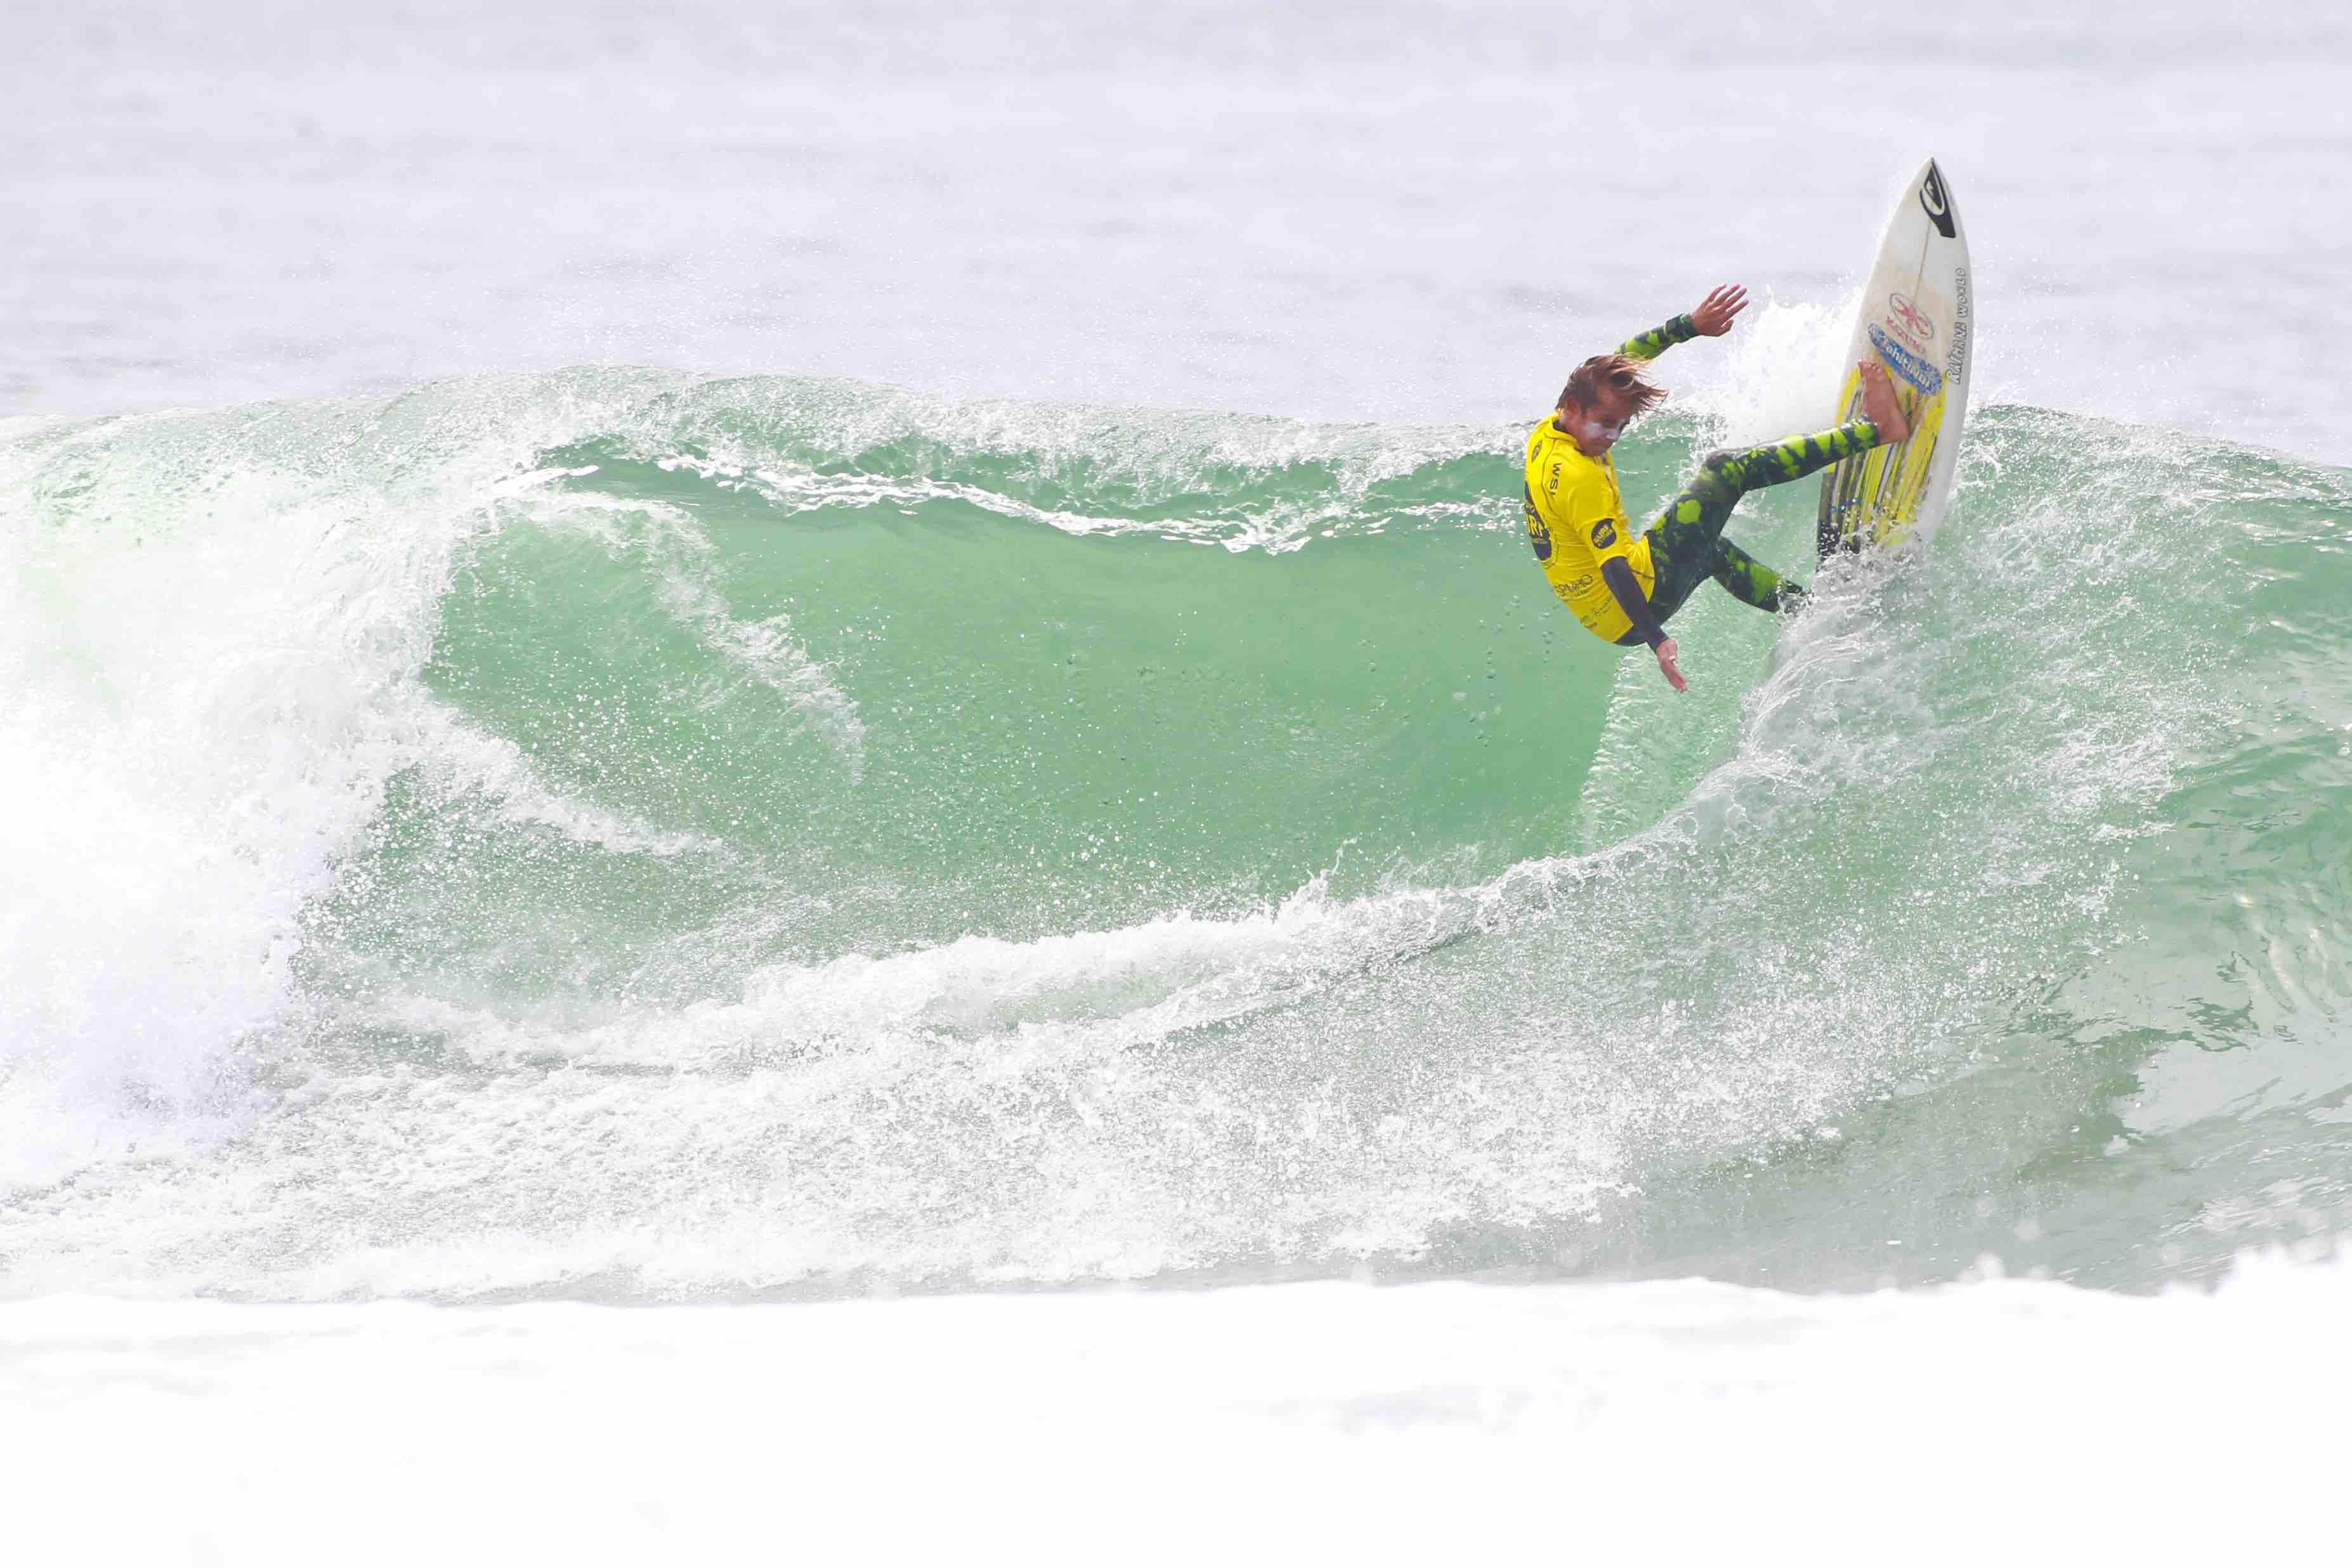 Circuito Mundial De Surf : 150 atletas disputam a 3ª etapa na europa do circuito mundial de